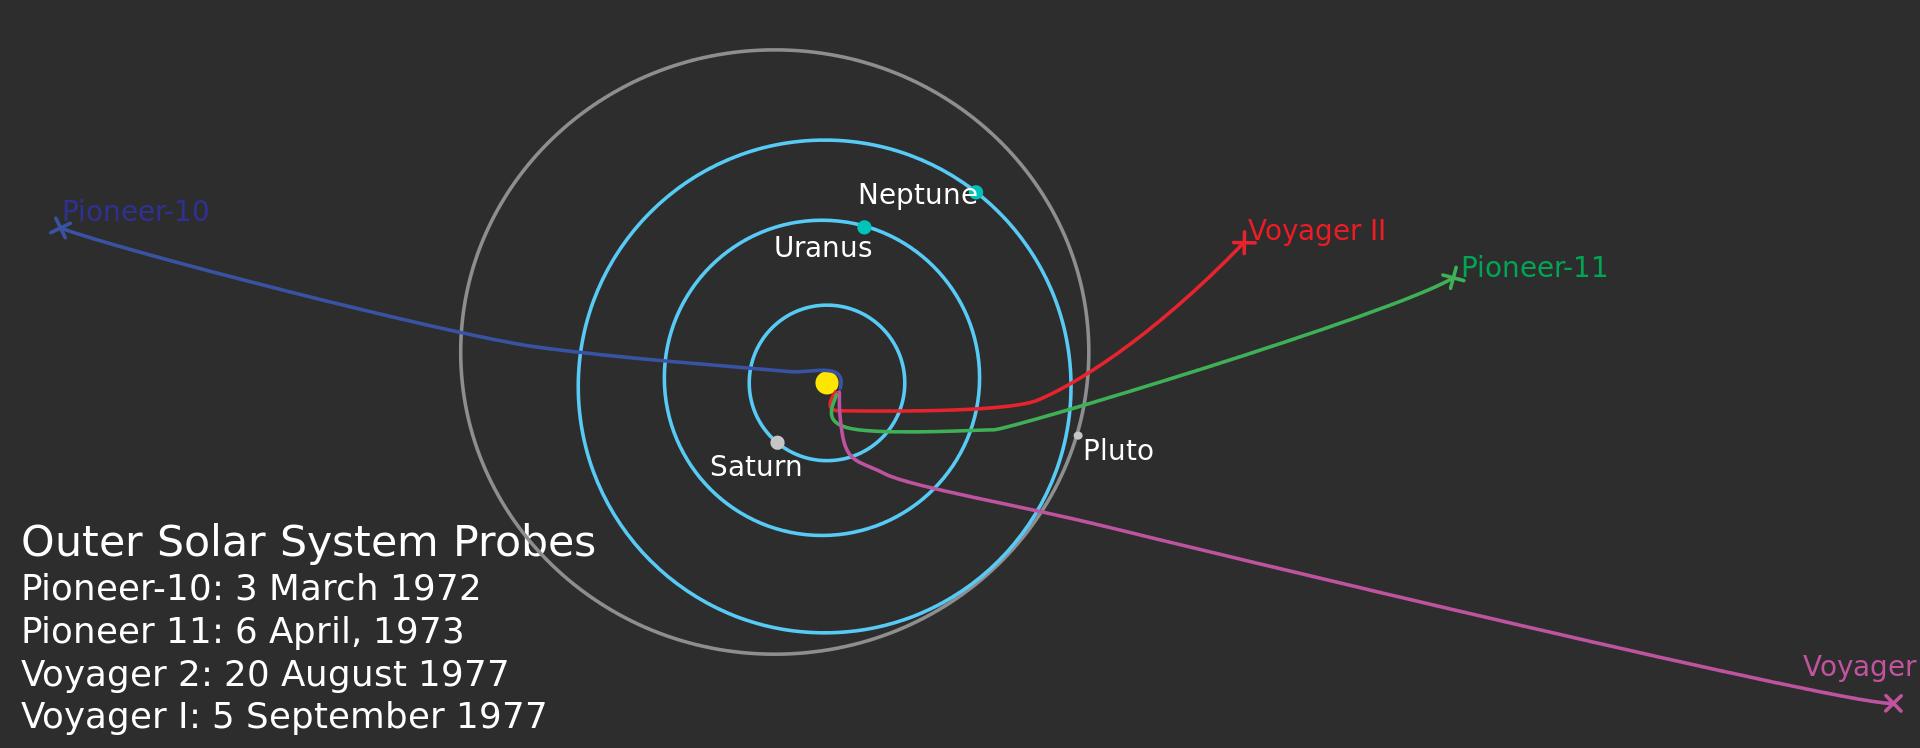 ケプラーの法則を知らなくても恒星間空間に飛び出すことは可能だあ?